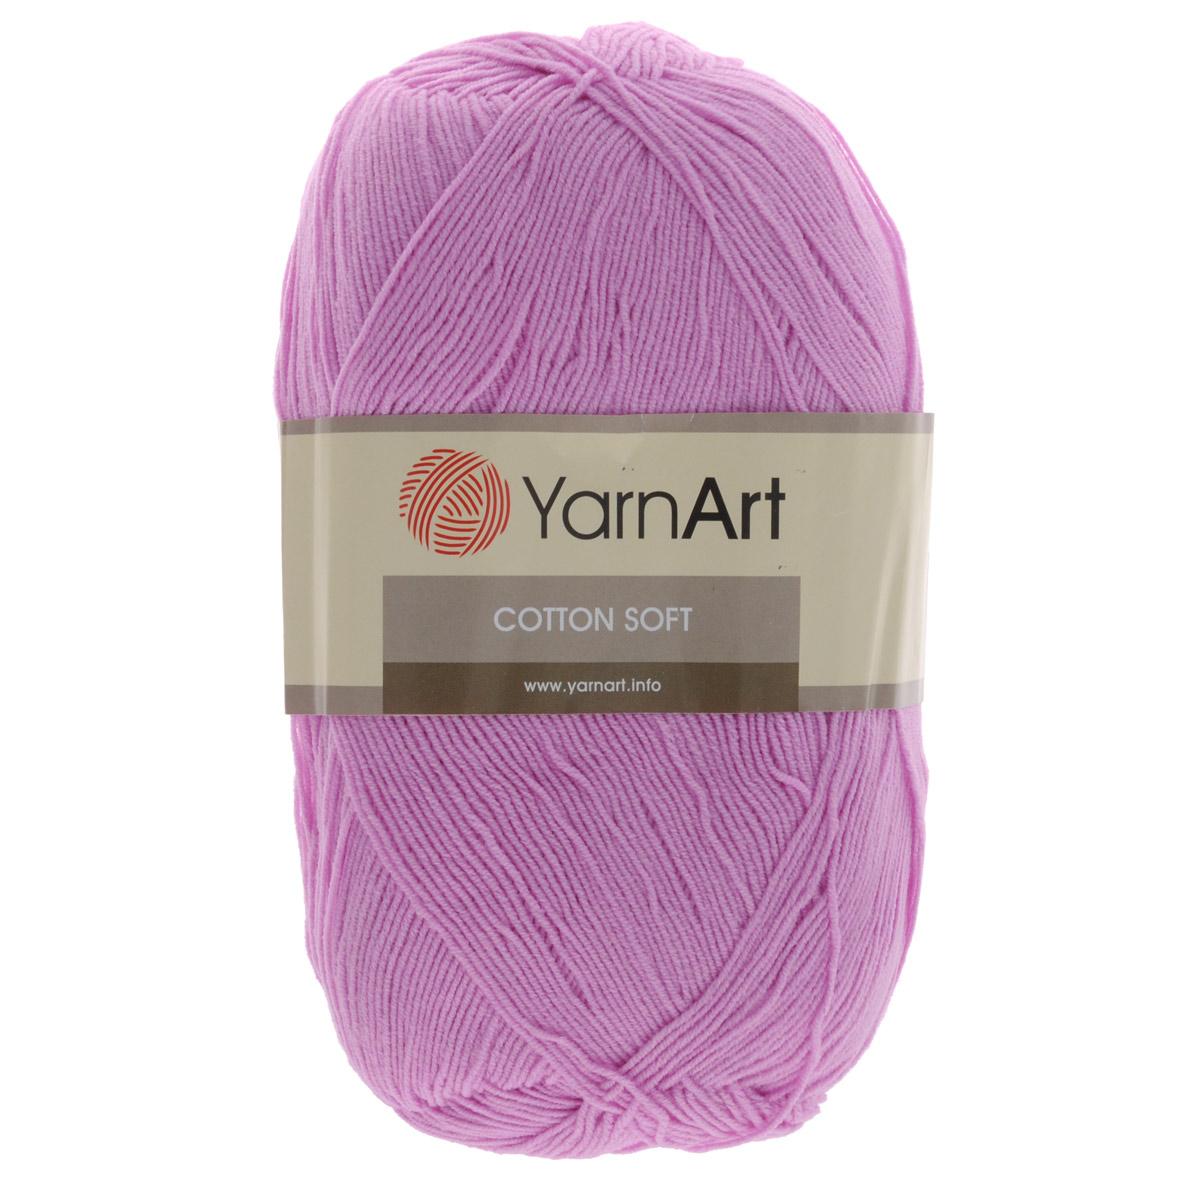 Пряжа для вязания YarnArt Cotton Soft, цвет: светло-розовый (20), 600 м, 100 г, 5 шт372071_20Пряжа для вязания YarnArt Cotton Soft изготовлена из хлопка и полиакрила. Эта универсальная пряжа подходит для вязания крючком и спицами, а также для машинного вязания. Нить ровная, тонкая, не линяет и не выгорает. Прекрасно подойдет для создания водолазок, платьев, юбок, шалей, а также детских вещей. Изделия из этой пряжи получаются мягкие, очень легкие, износостойкие. Цветовая гамма пряжи очень богатая, вы можете пополнить свой гардероб изделиями из неё на любой сезон: джемпером, жакетом, свитером и другими полезными и оригинальными вещами, которые прослужат вам и вашим близким очень долго и не создадут трудностей в уходе за ними. Рекомендованные спицы и крючок 2,5 мм. Состав: 55% хлопок, 45% полиакрил.